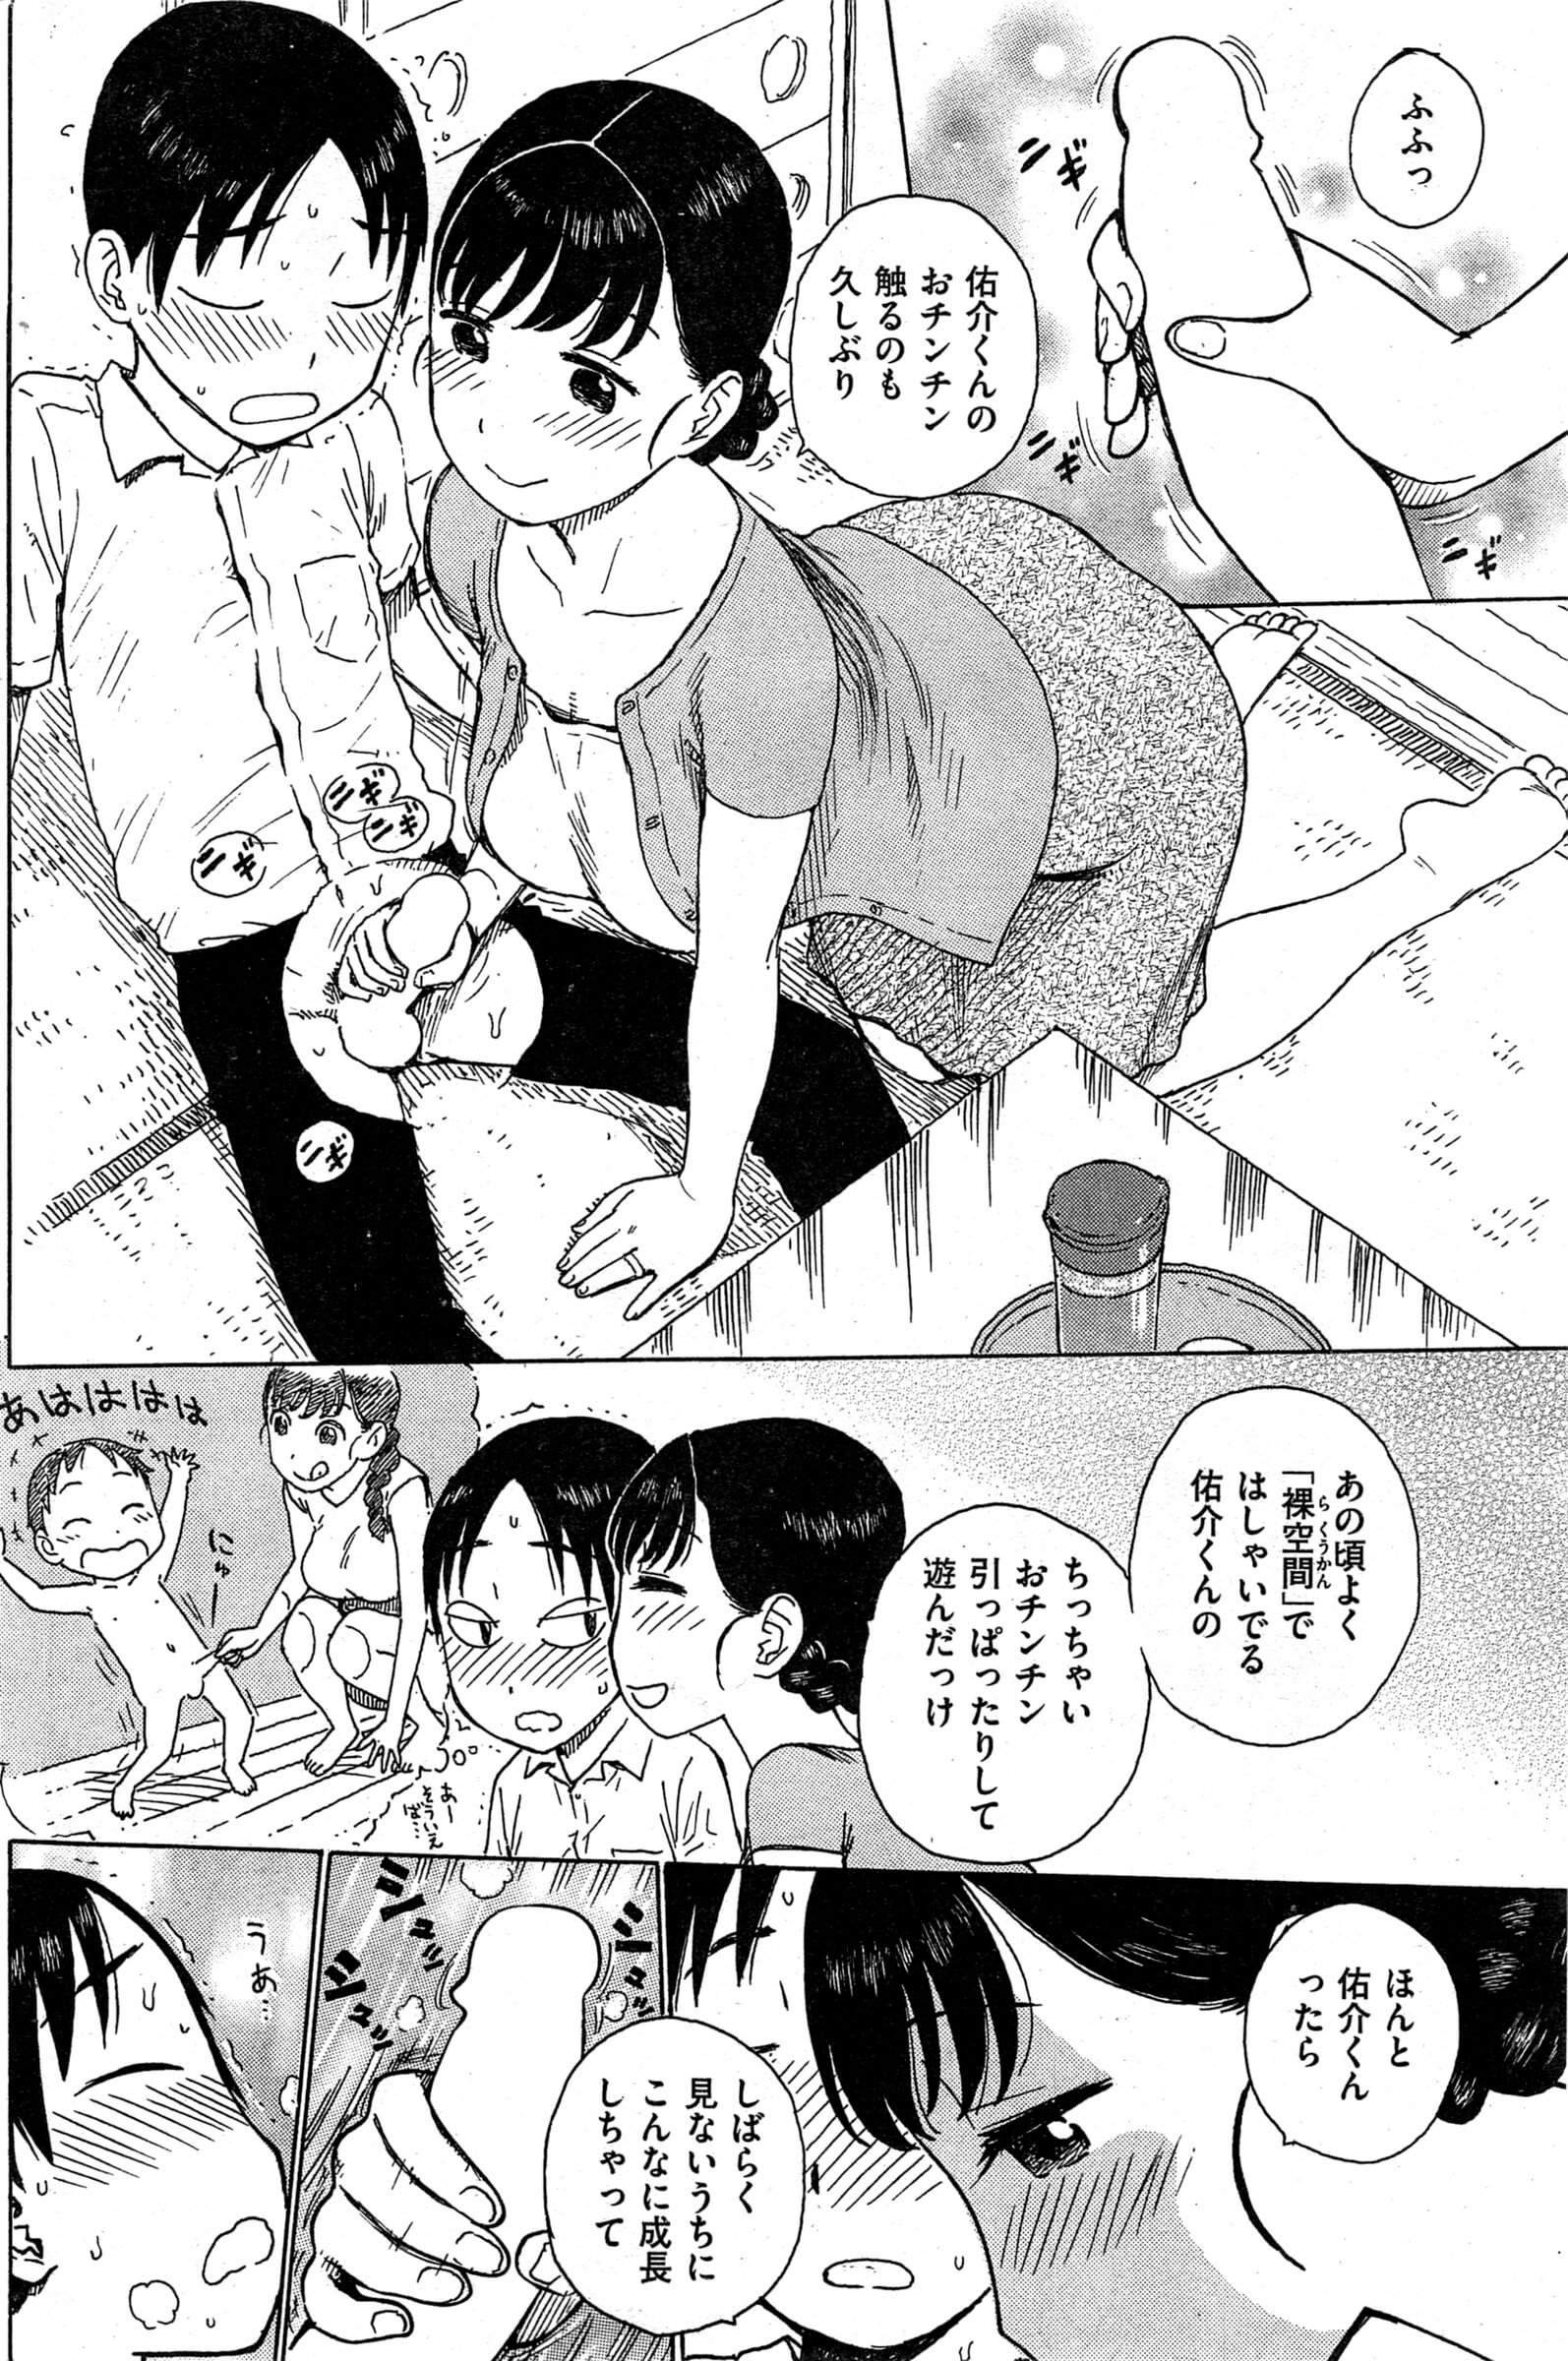 【エロ漫画】真夏の日に家のカギを無くして閉め出されてしまった男の子。隣の家のお姉さんに家で待つように言われて…【無料 エロ同人】 (8)